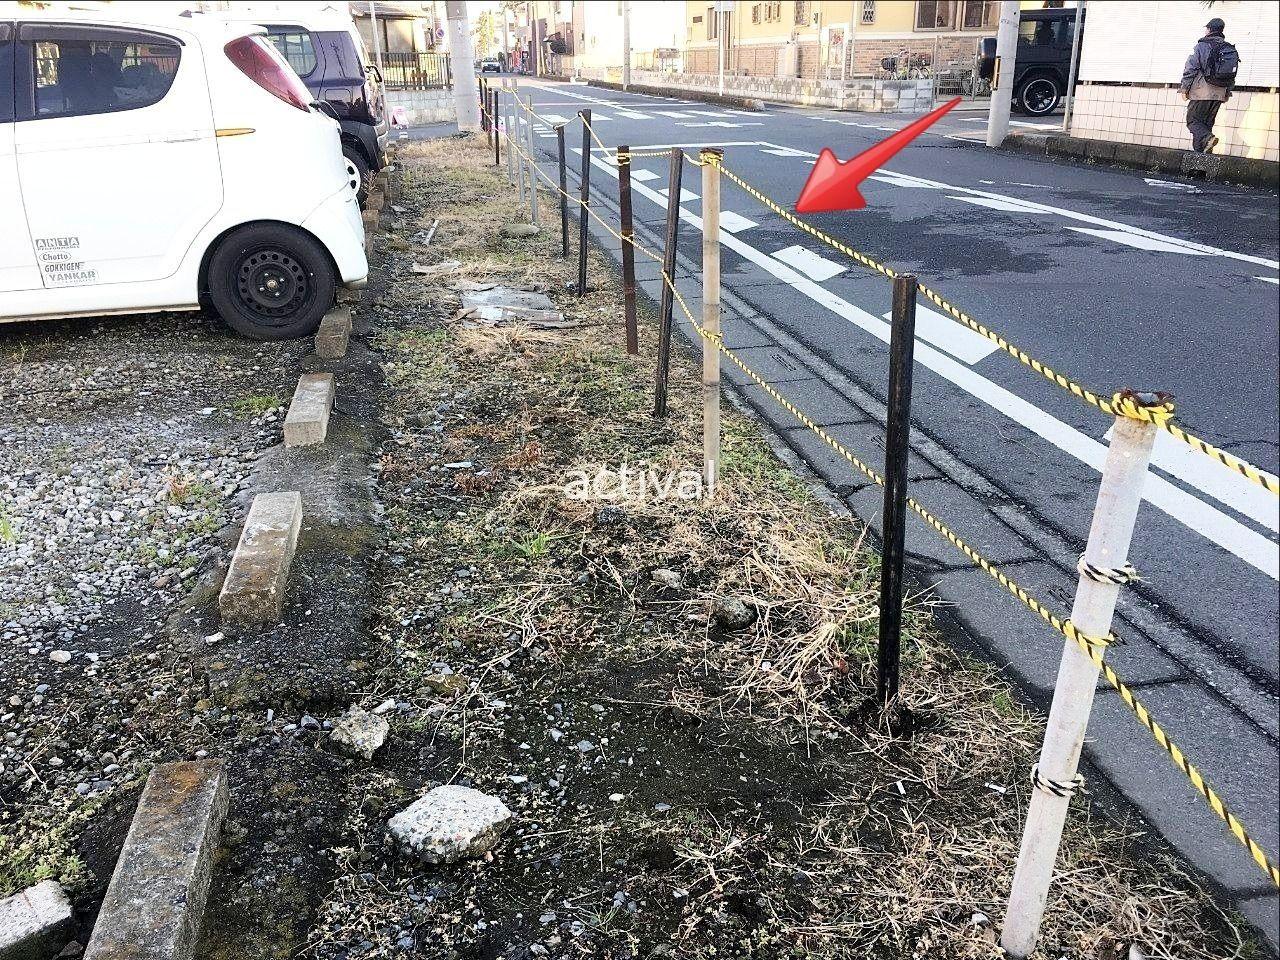 駐車禁止として月極駐車場でのトラロープ使用例です。